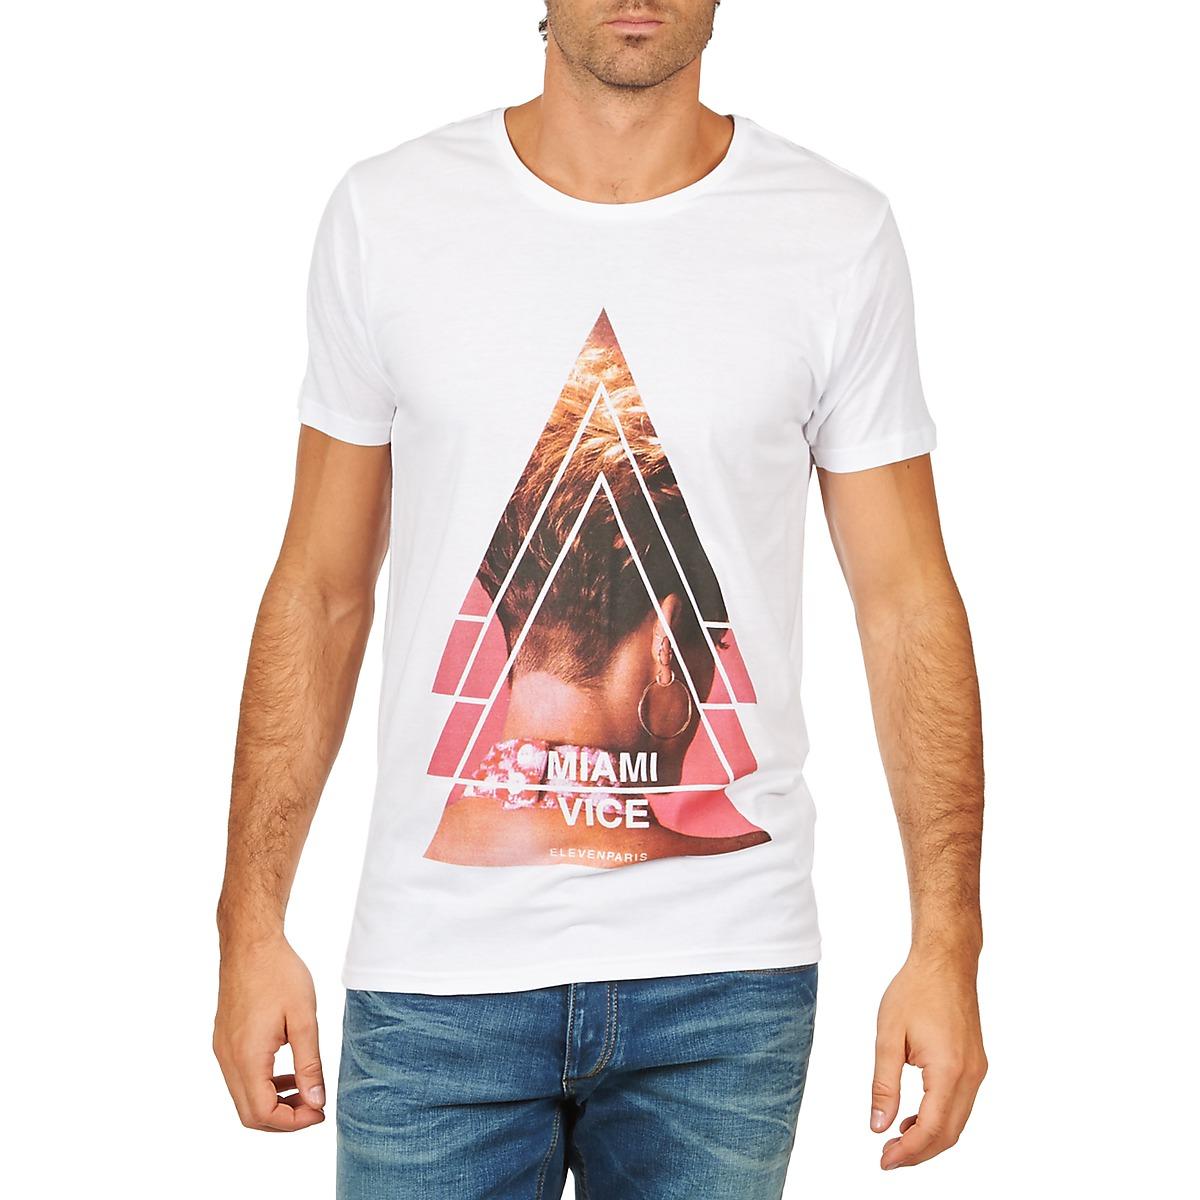 T-shirts m. korte ærmer Eleven Paris  MIAMI M MEN